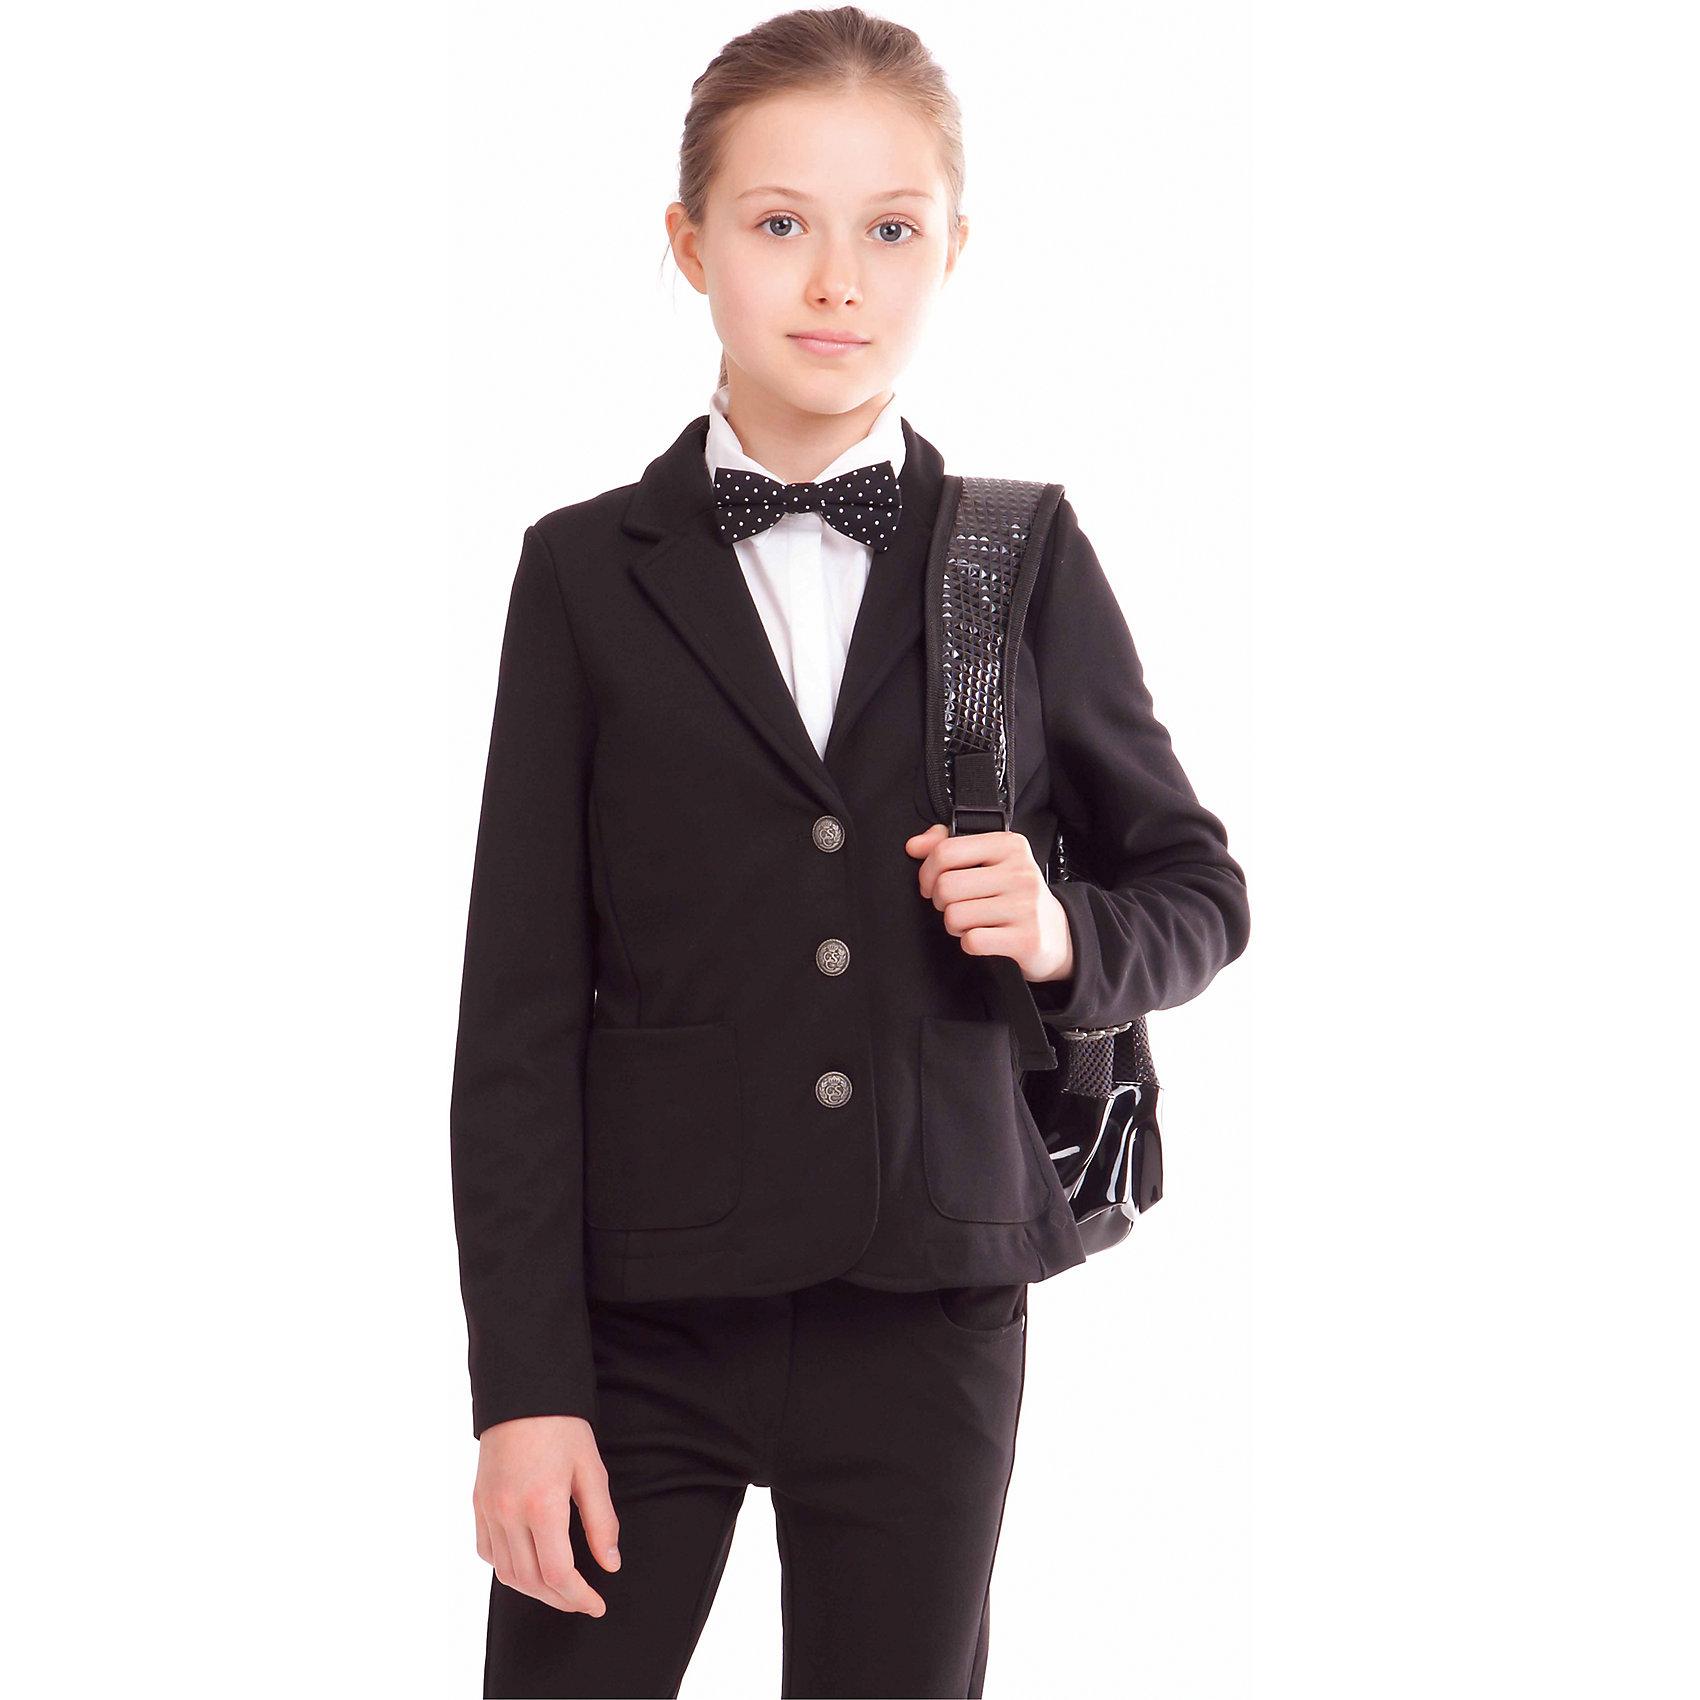 Жакет для девочки GulliverКостюмы и пиджаки<br>Жакет для девочки от российской марки Gulliver.<br>Жакет из  джерси  - прекрасная альтернатива классическому пиджаку. Он отлично держит форму, при этом обладает удобством и комфортом трикотажного изделия.  Жакет из джерси  - идеальное дополнение к любым  юбке, шортам, брюкам. В отделке лаконичный шеврон на нагрудном кармане, напоминающий эмблему учебного заведения.<br>Состав:<br>72% полиэстер 24% вискоза             4% эластан<br><br>Ширина мм: 356<br>Глубина мм: 10<br>Высота мм: 245<br>Вес г: 519<br>Цвет: черный<br>Возраст от месяцев: 96<br>Возраст до месяцев: 108<br>Пол: Женский<br>Возраст: Детский<br>Размер: 134,128,152,122,158,146,140<br>SKU: 4174720